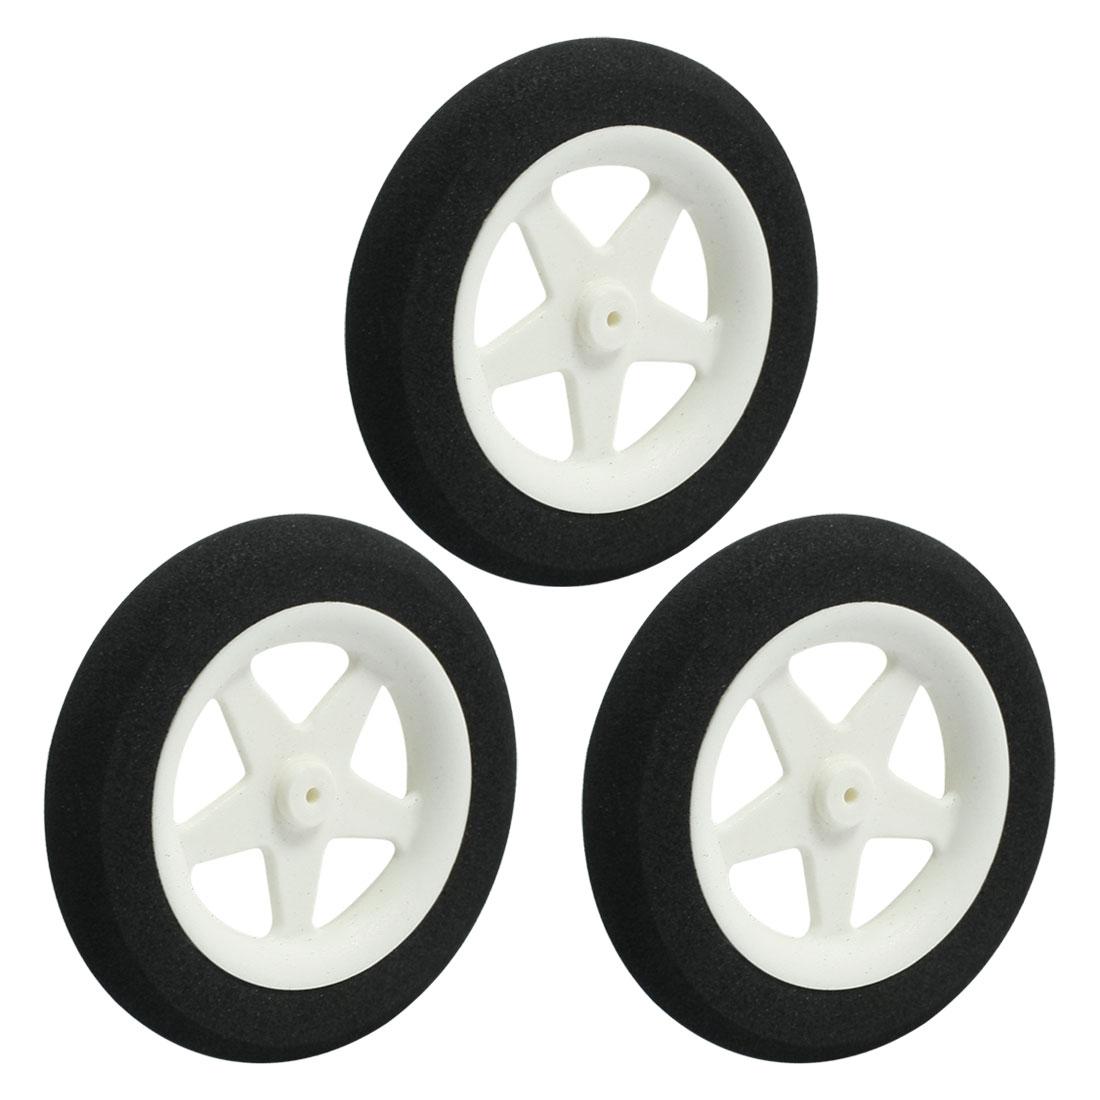 """3pcs RC Airplane Plastic Hub Landing Thin Sponge Spoke Tire Wheel 63.5mm 2.5"""""""